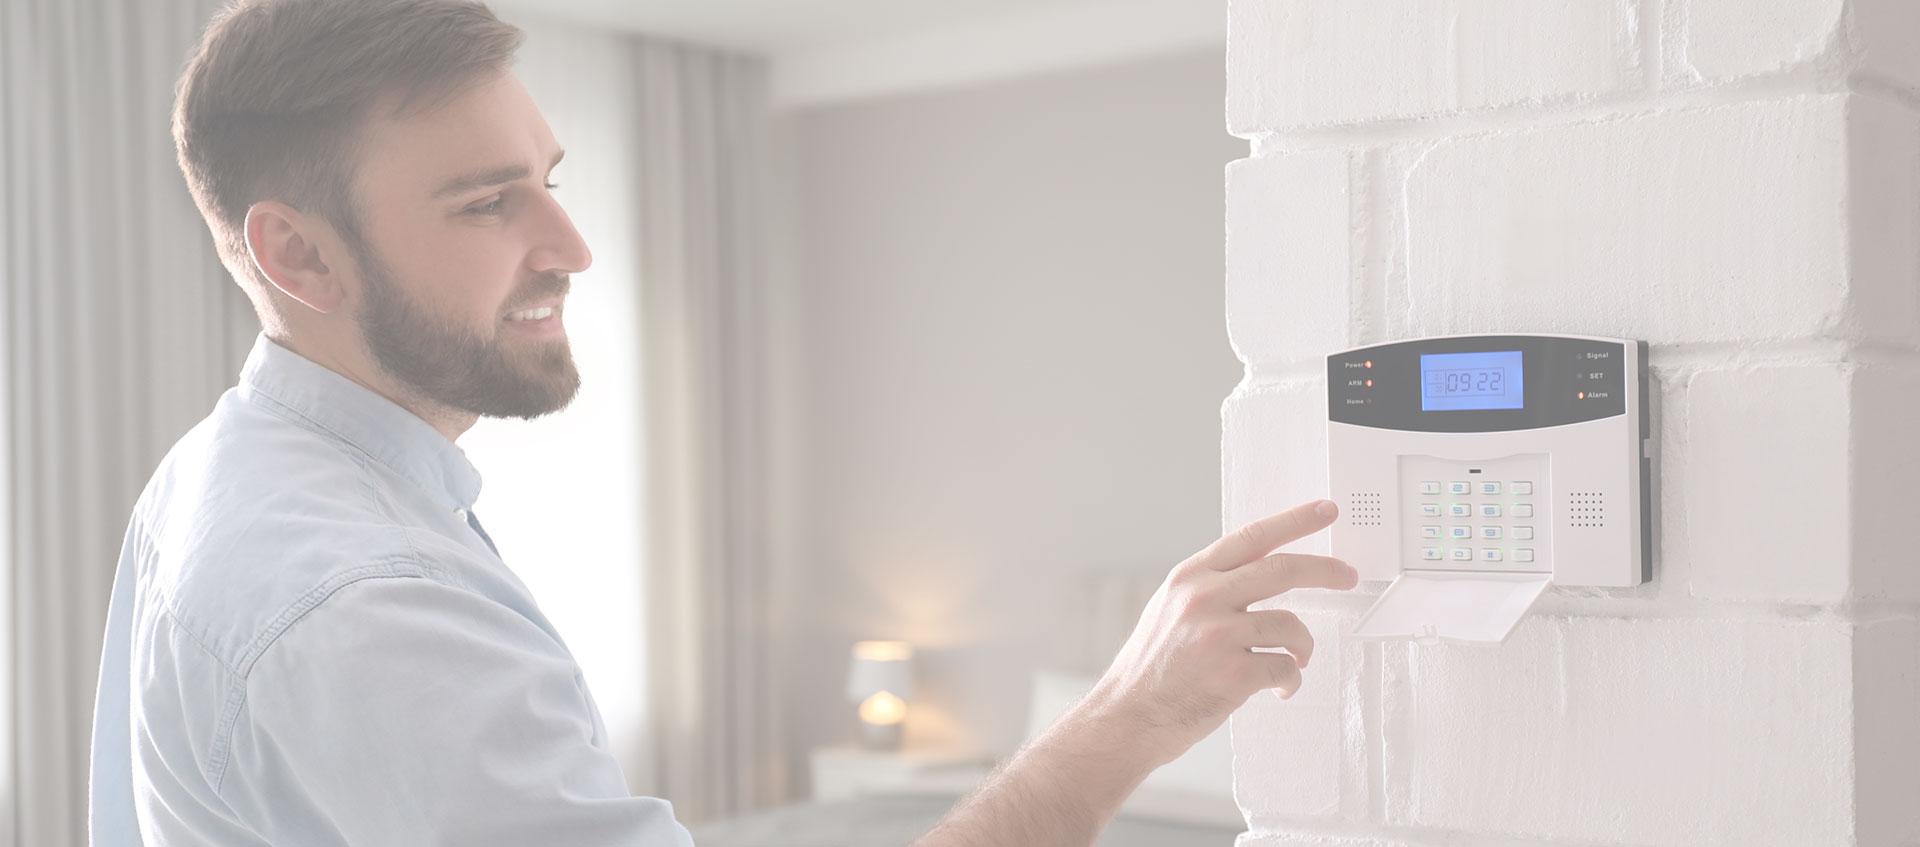 Alarmes et dispositifs de sécurité